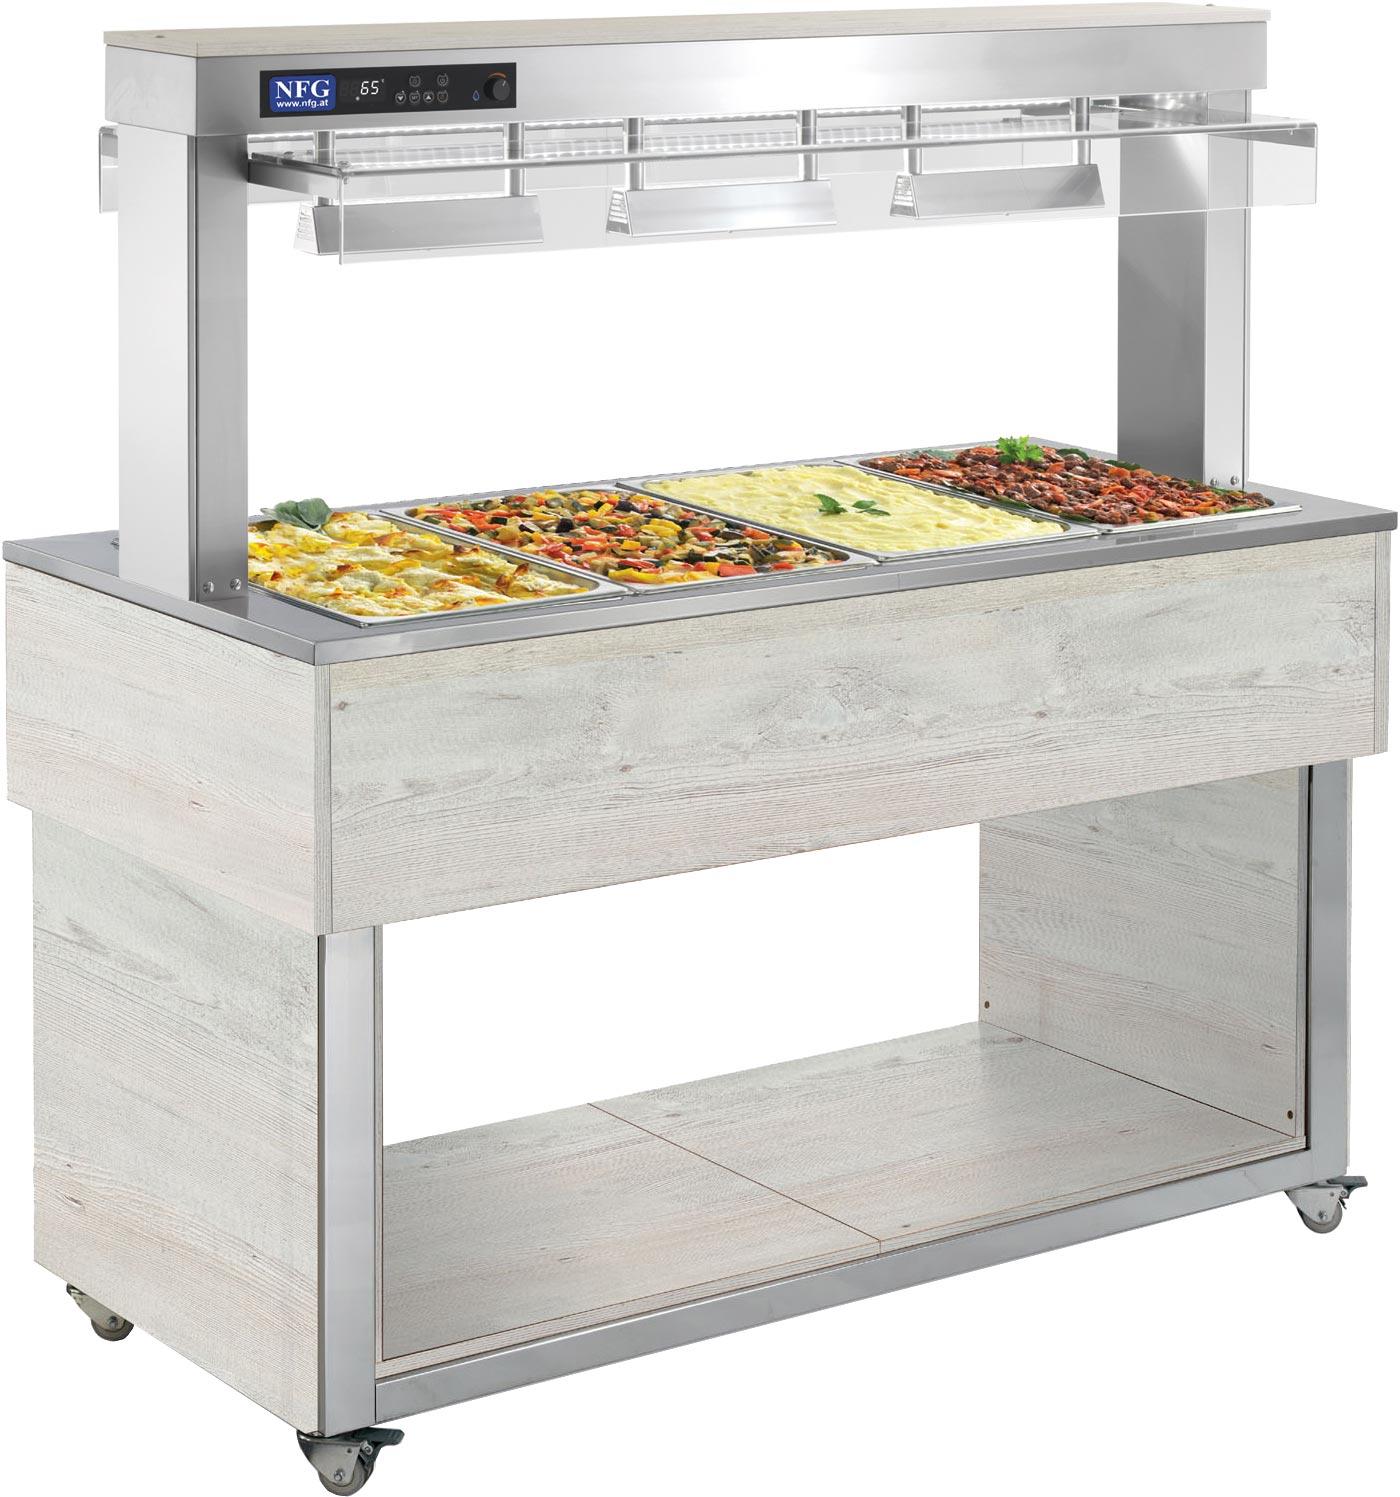 NFG Warm Bain Marie TR-RED 4 Buffet Einrichtung Geräte Kalt Salatbuffet Ausgabe